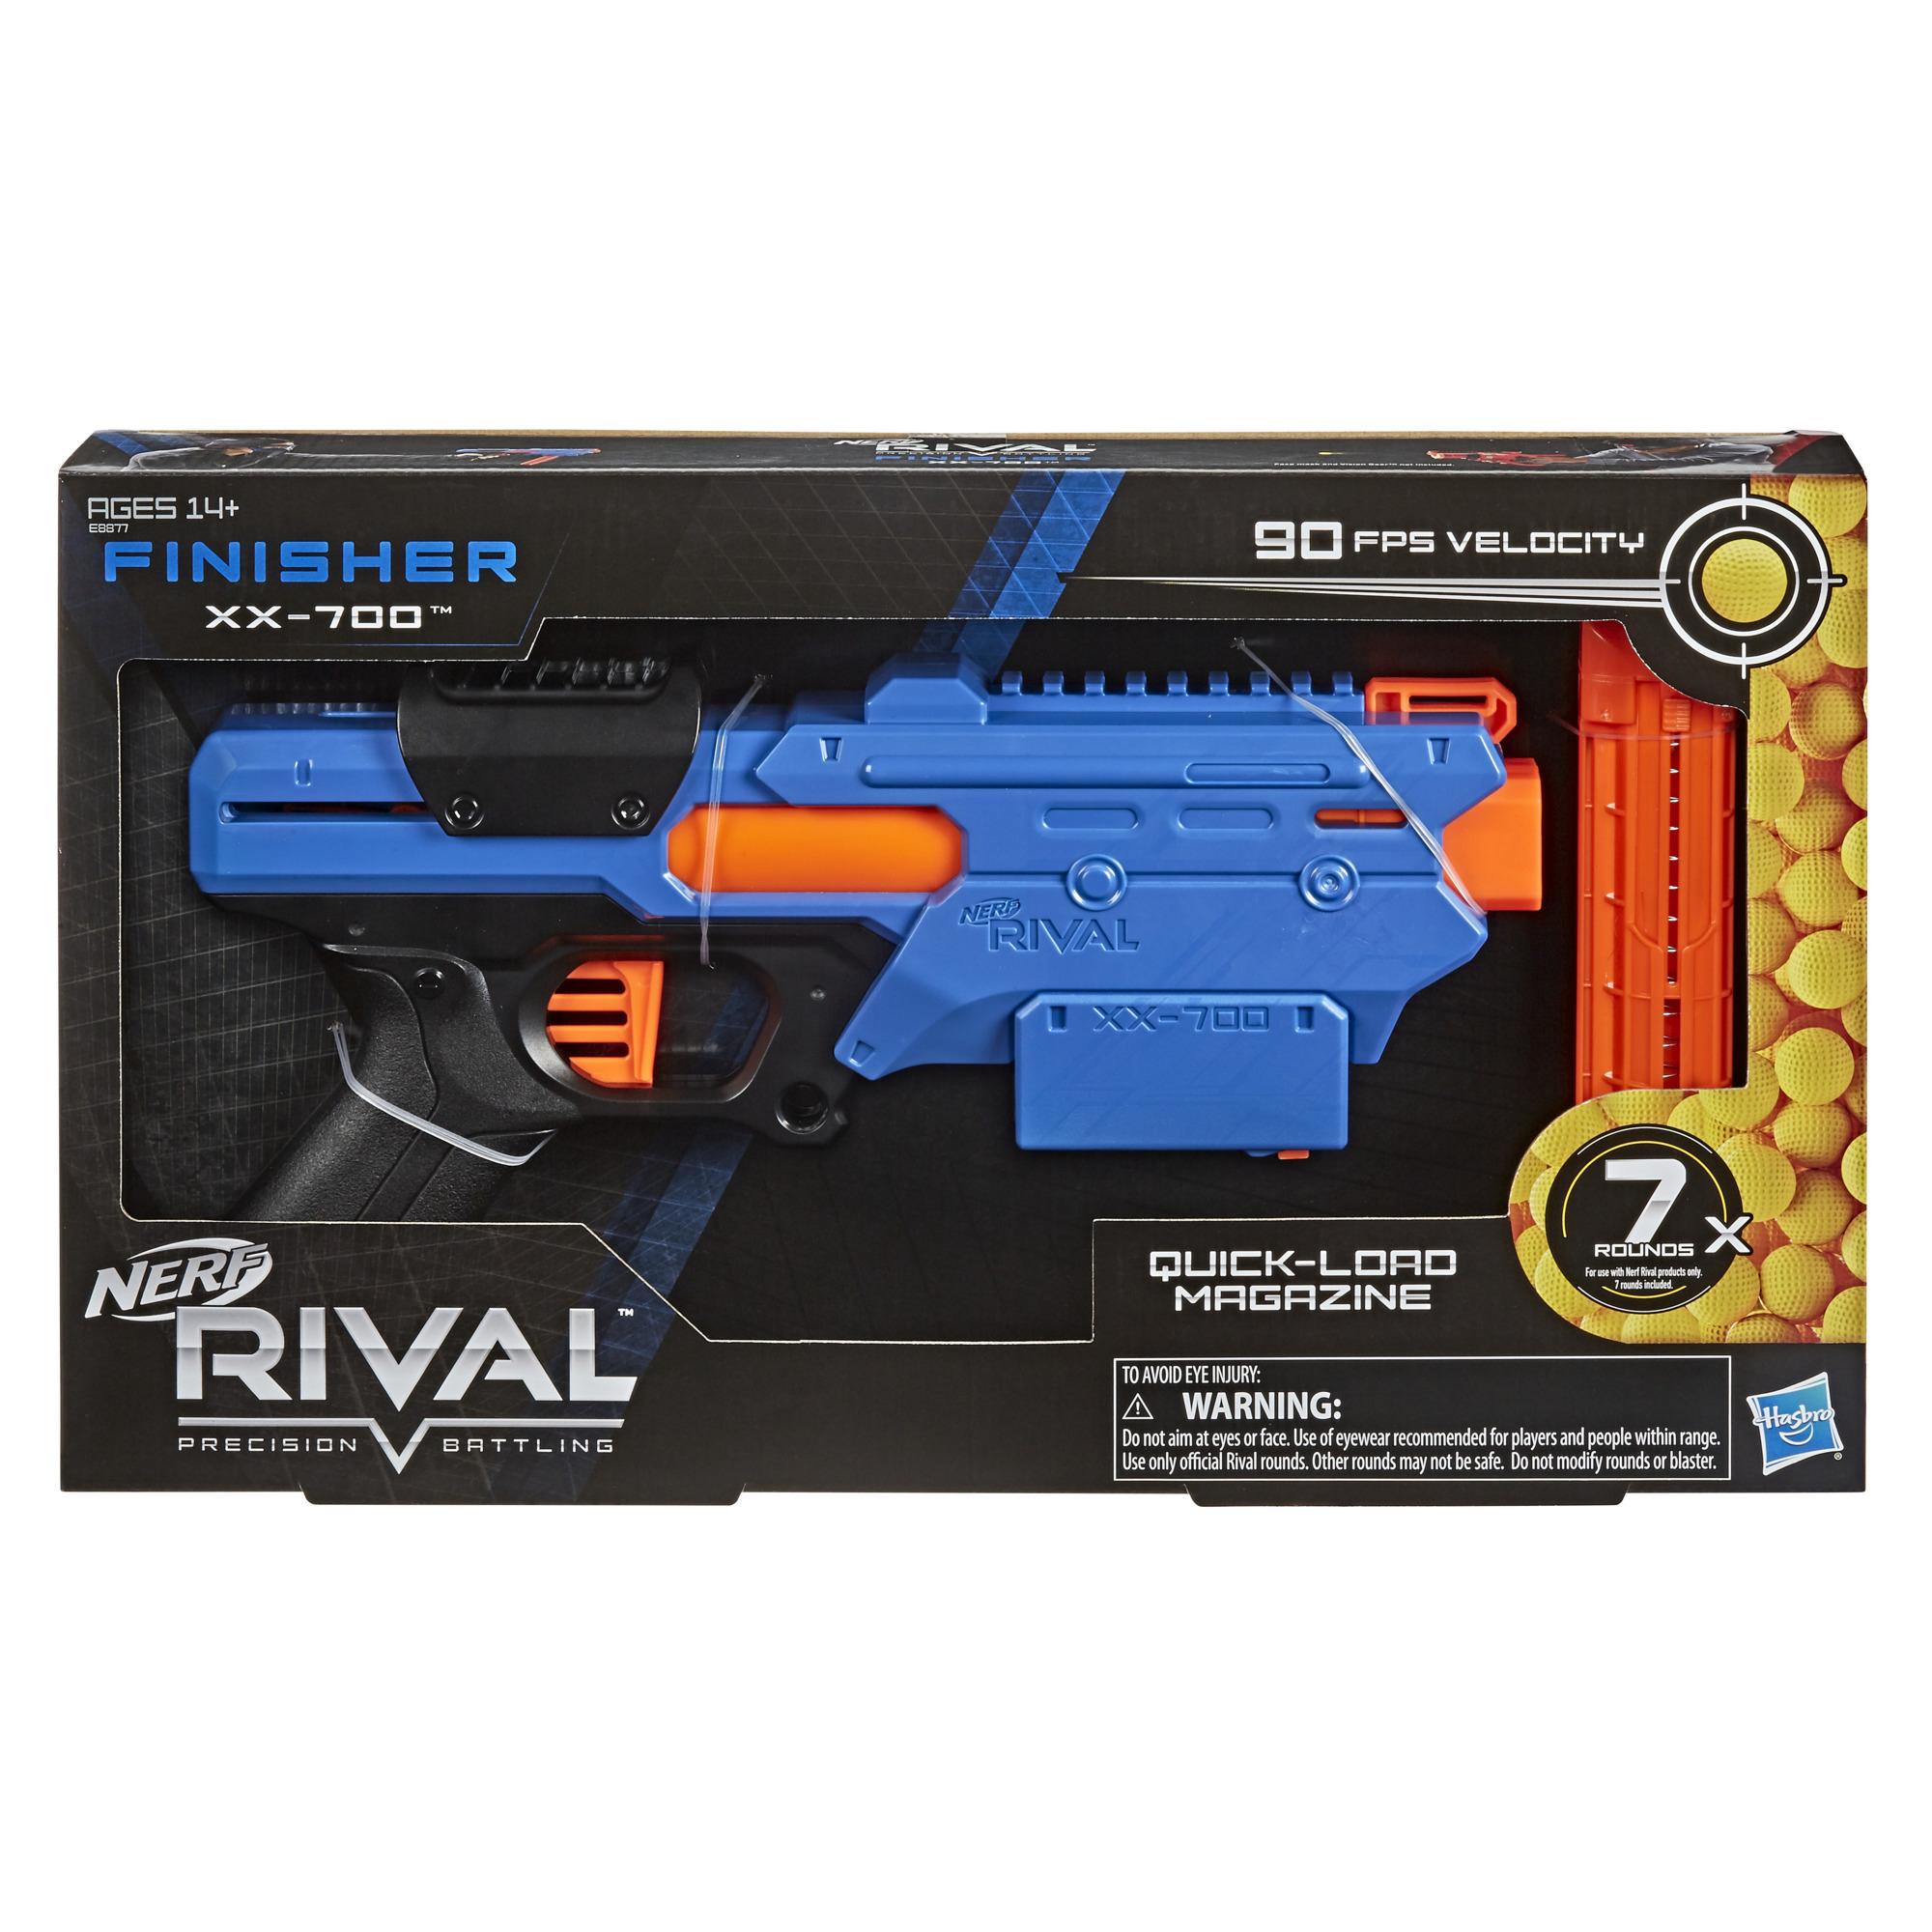 Blaster Nerf Rival Finisher XX-700, chargeur à remplissage rapide, mécanisme à ressort, 7 billes Nerf Rival, équipe bleue